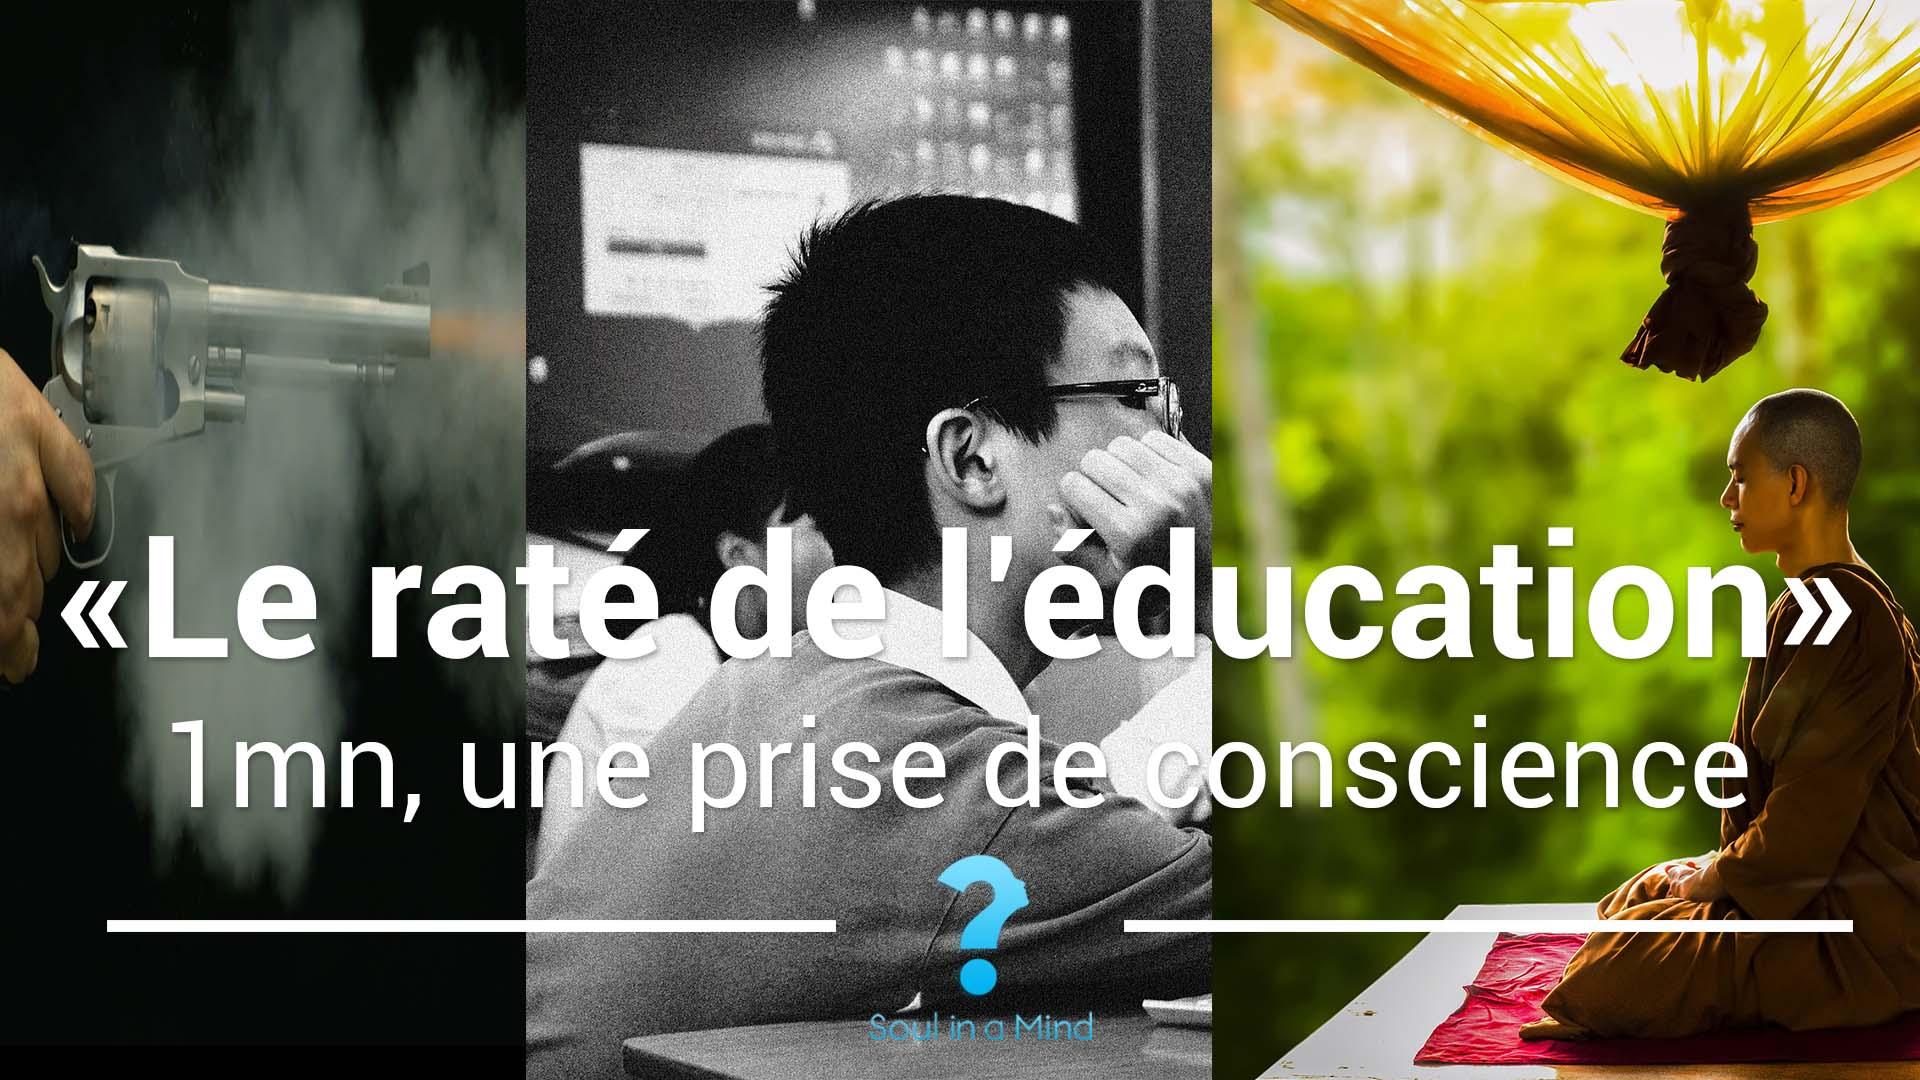 Le raté de l'éducation